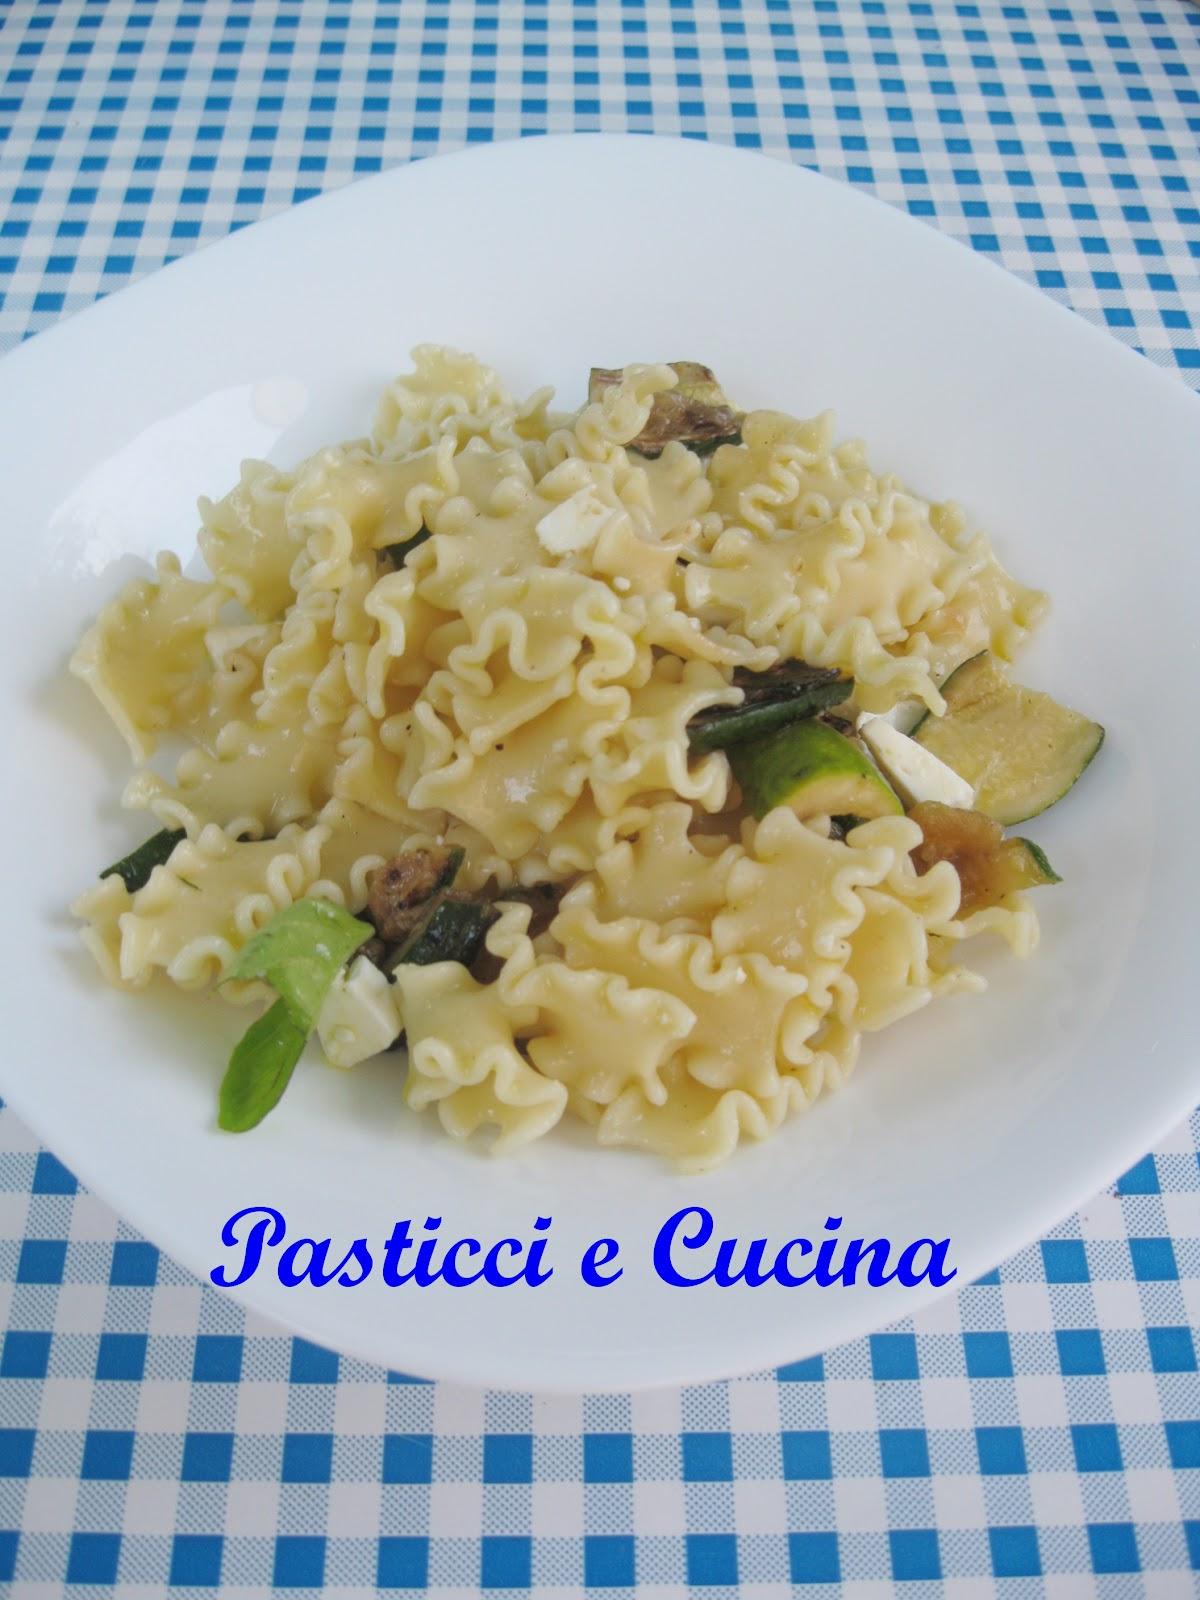 Pasticci e cucina agosto 2012 - Cucina e pasticci ...